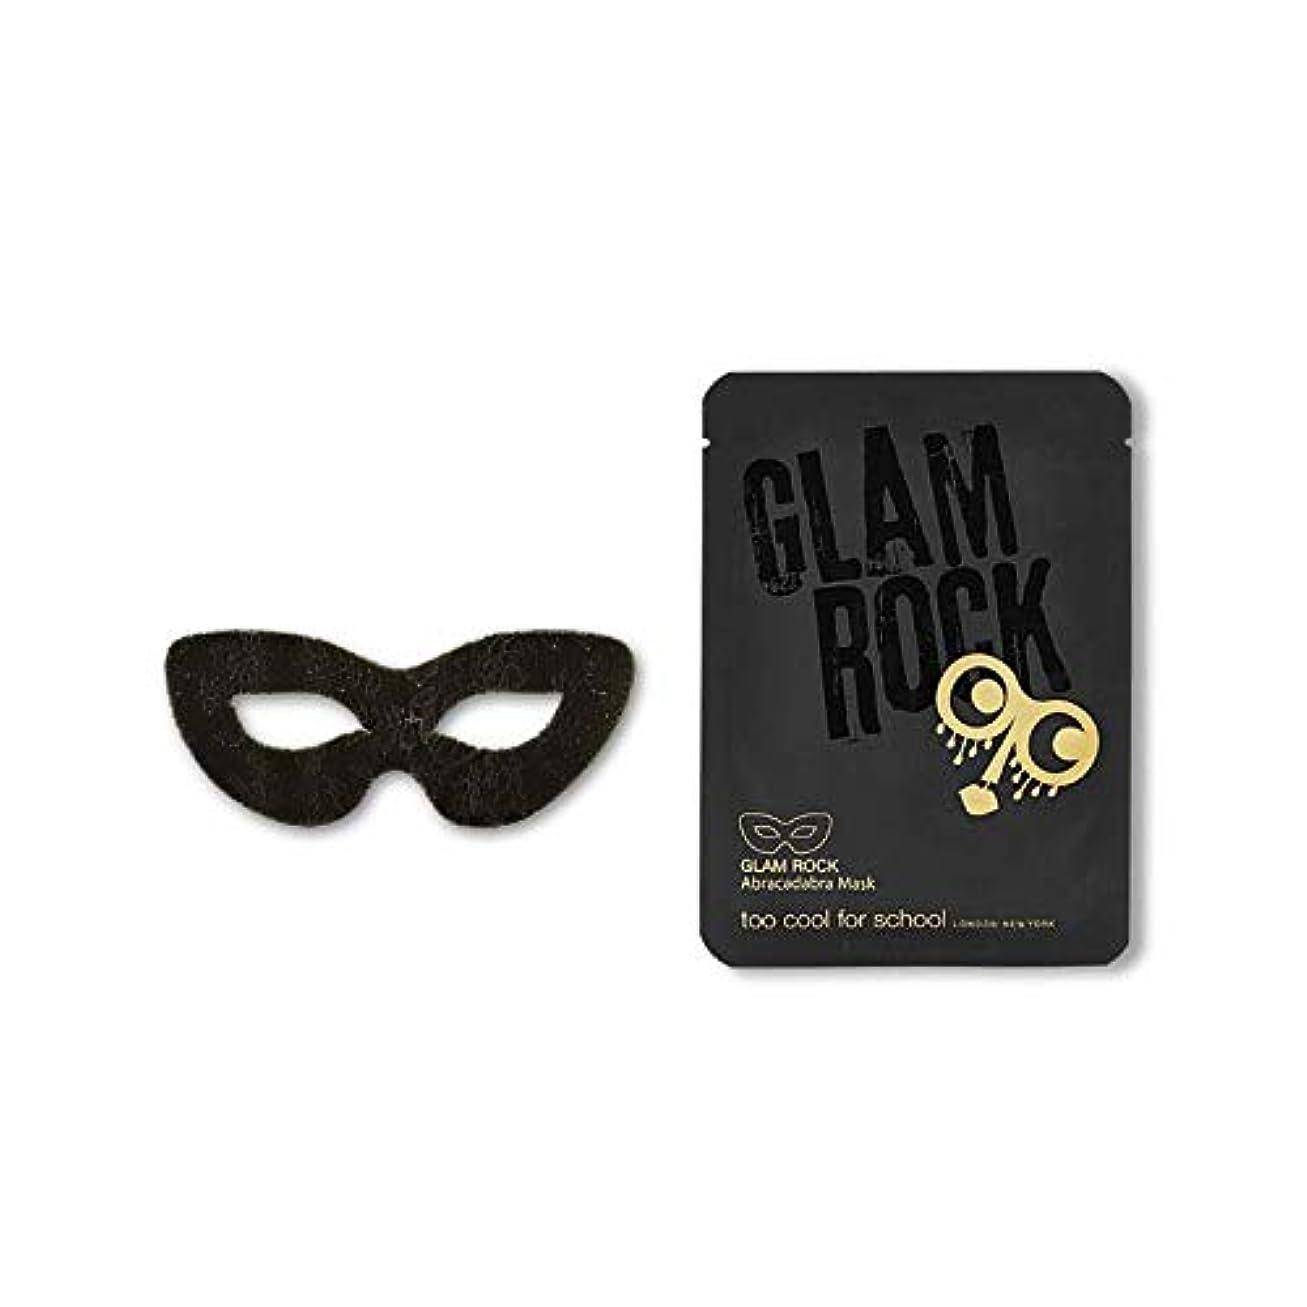 応答ぜいたくペナルティTOO COOL FOR SCHOOL Glam Rock Abracadabra Mask (並行輸入品)